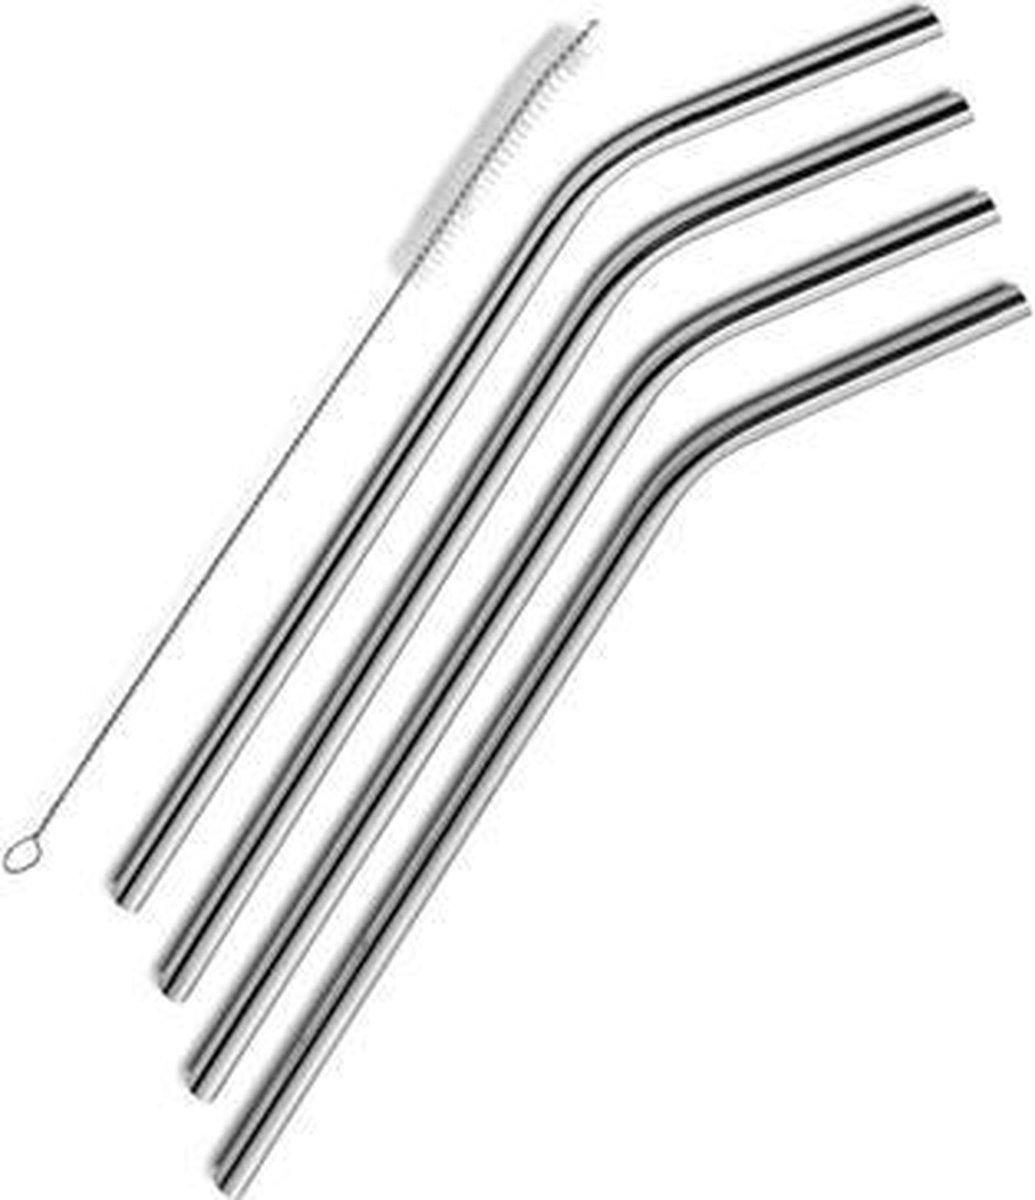 RVS/Metalen rietje - 4 stuks - 1 borsteltje - Ideaal Voor Warme En Koude Dranken - Herbruikbaar - Du